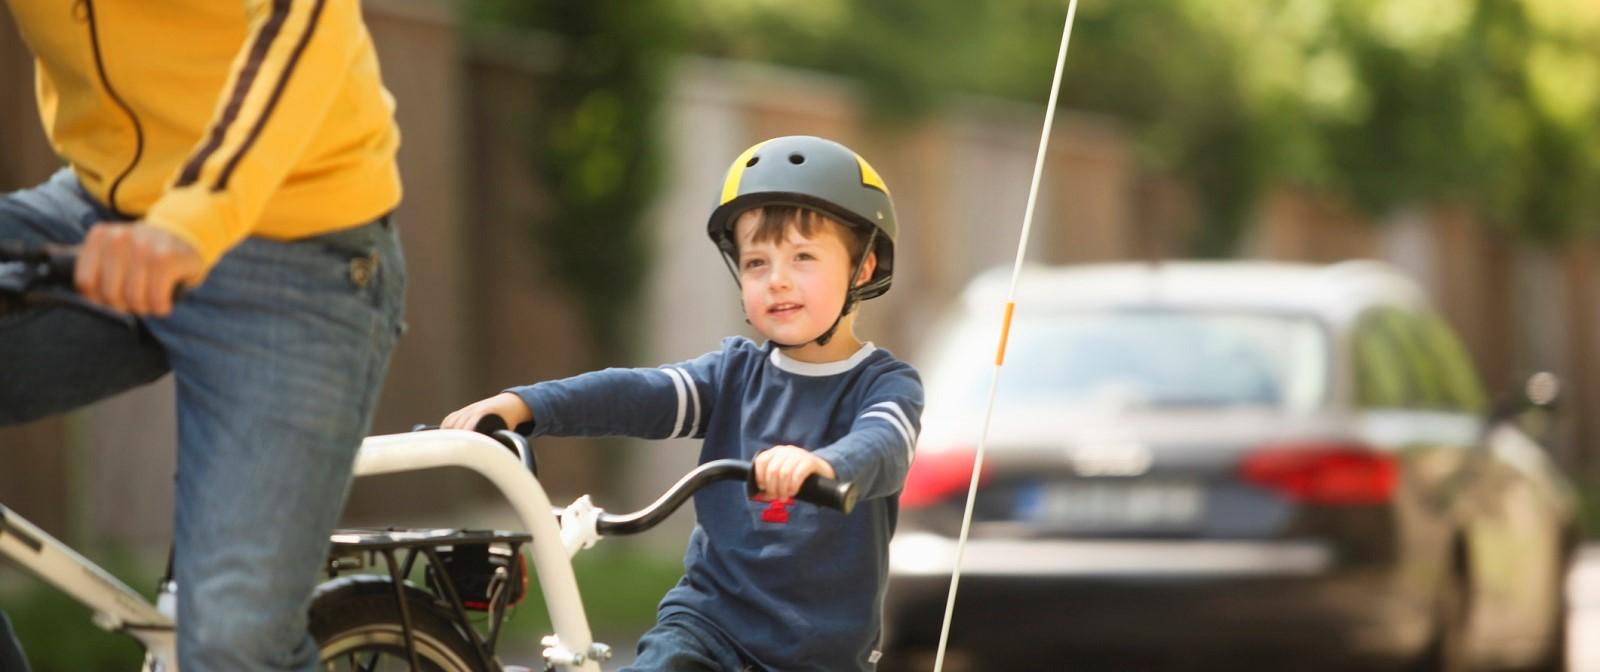 <h2>Gezondere mobiliteit</h2><div>Als je mensen uit de wagen wilt krijgen, moet je hen een veilig, comfortabel en aantrekkelijk alternatief aanbieden. </div>